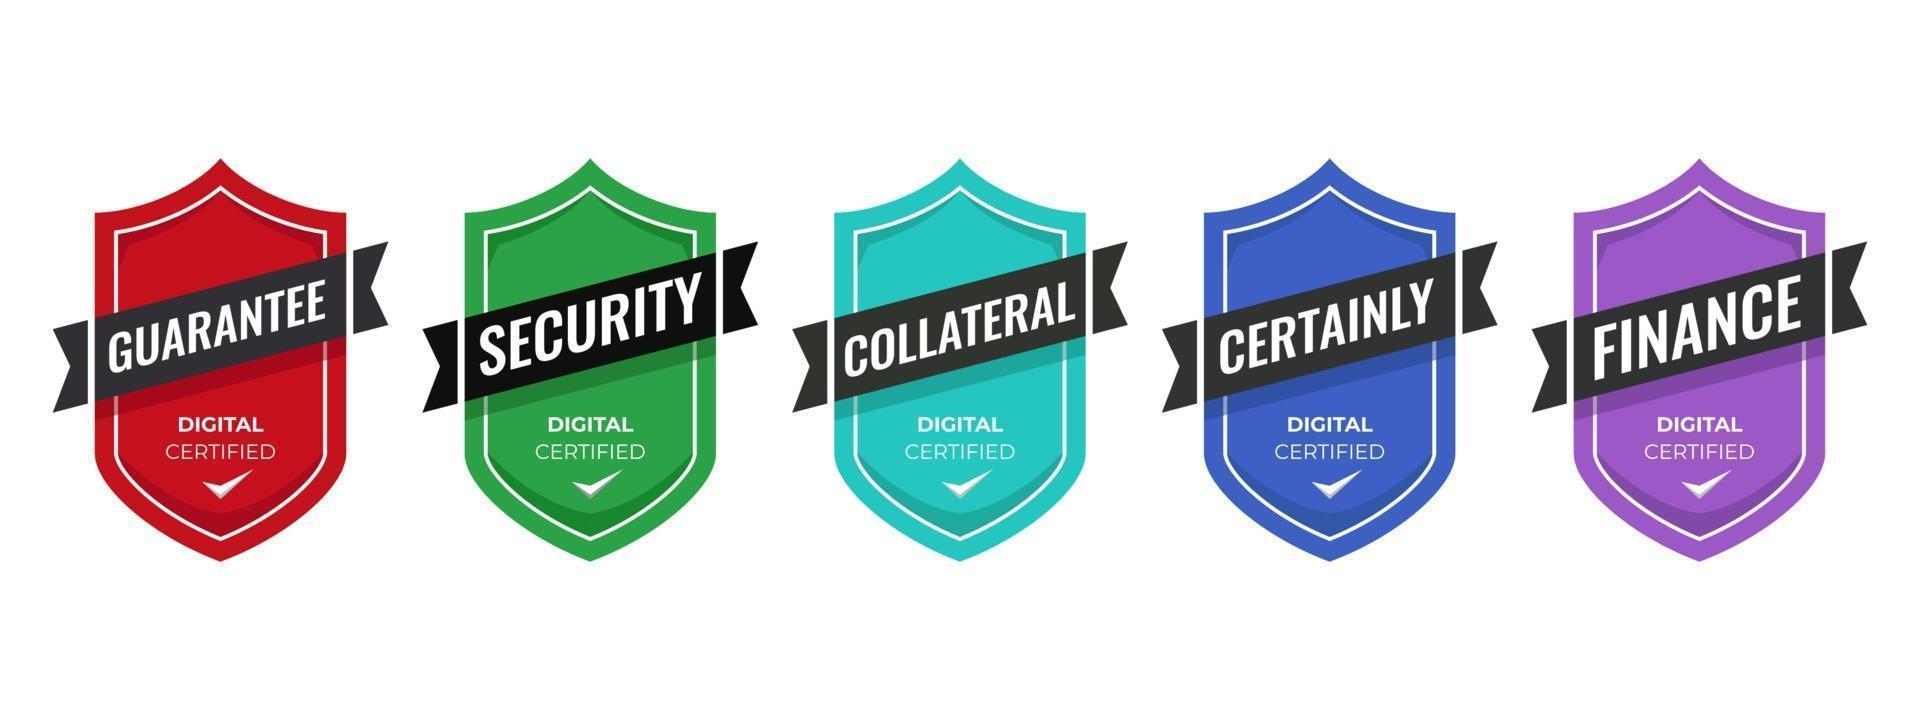 Design-Vorlage für Sicherheitslogo-Abzeichen. Digital Business zertifiziertes Abzeichen für Schulung, Kurs, Garantie, Sicherheit usw. Vektorillustration. vektor